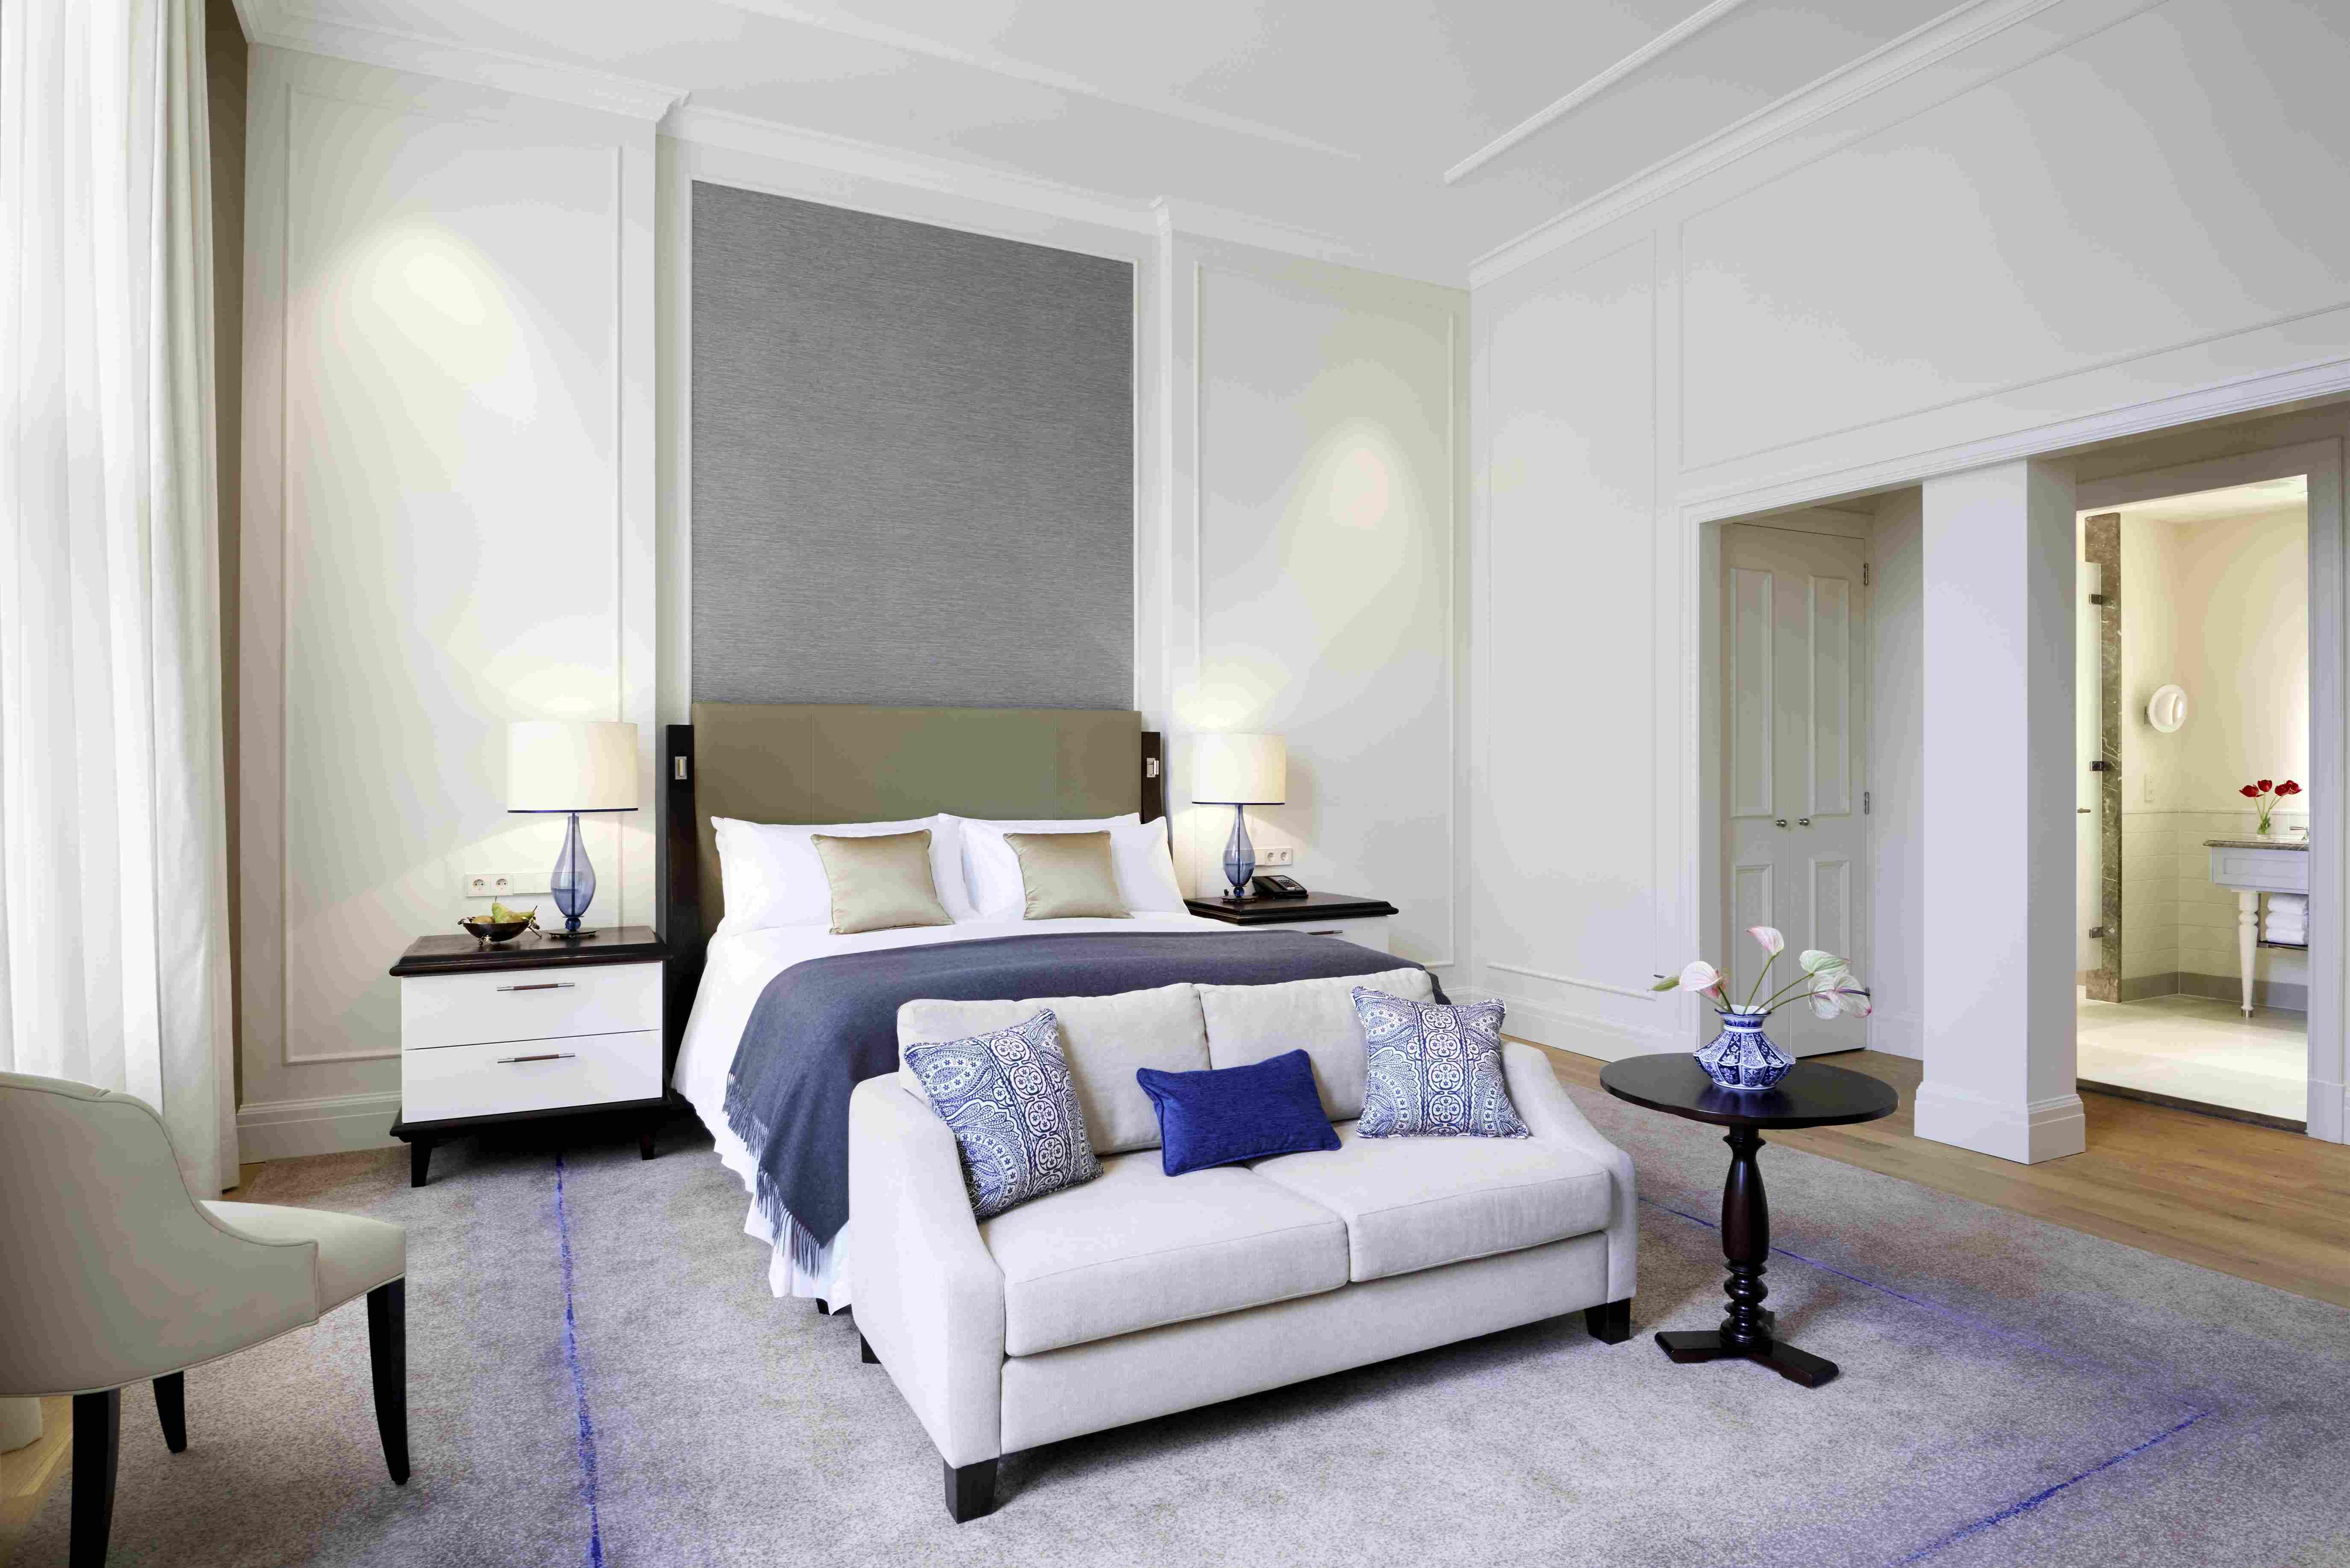 Waldorf Astoria Amsterdam Coup de fourchette blog guide des